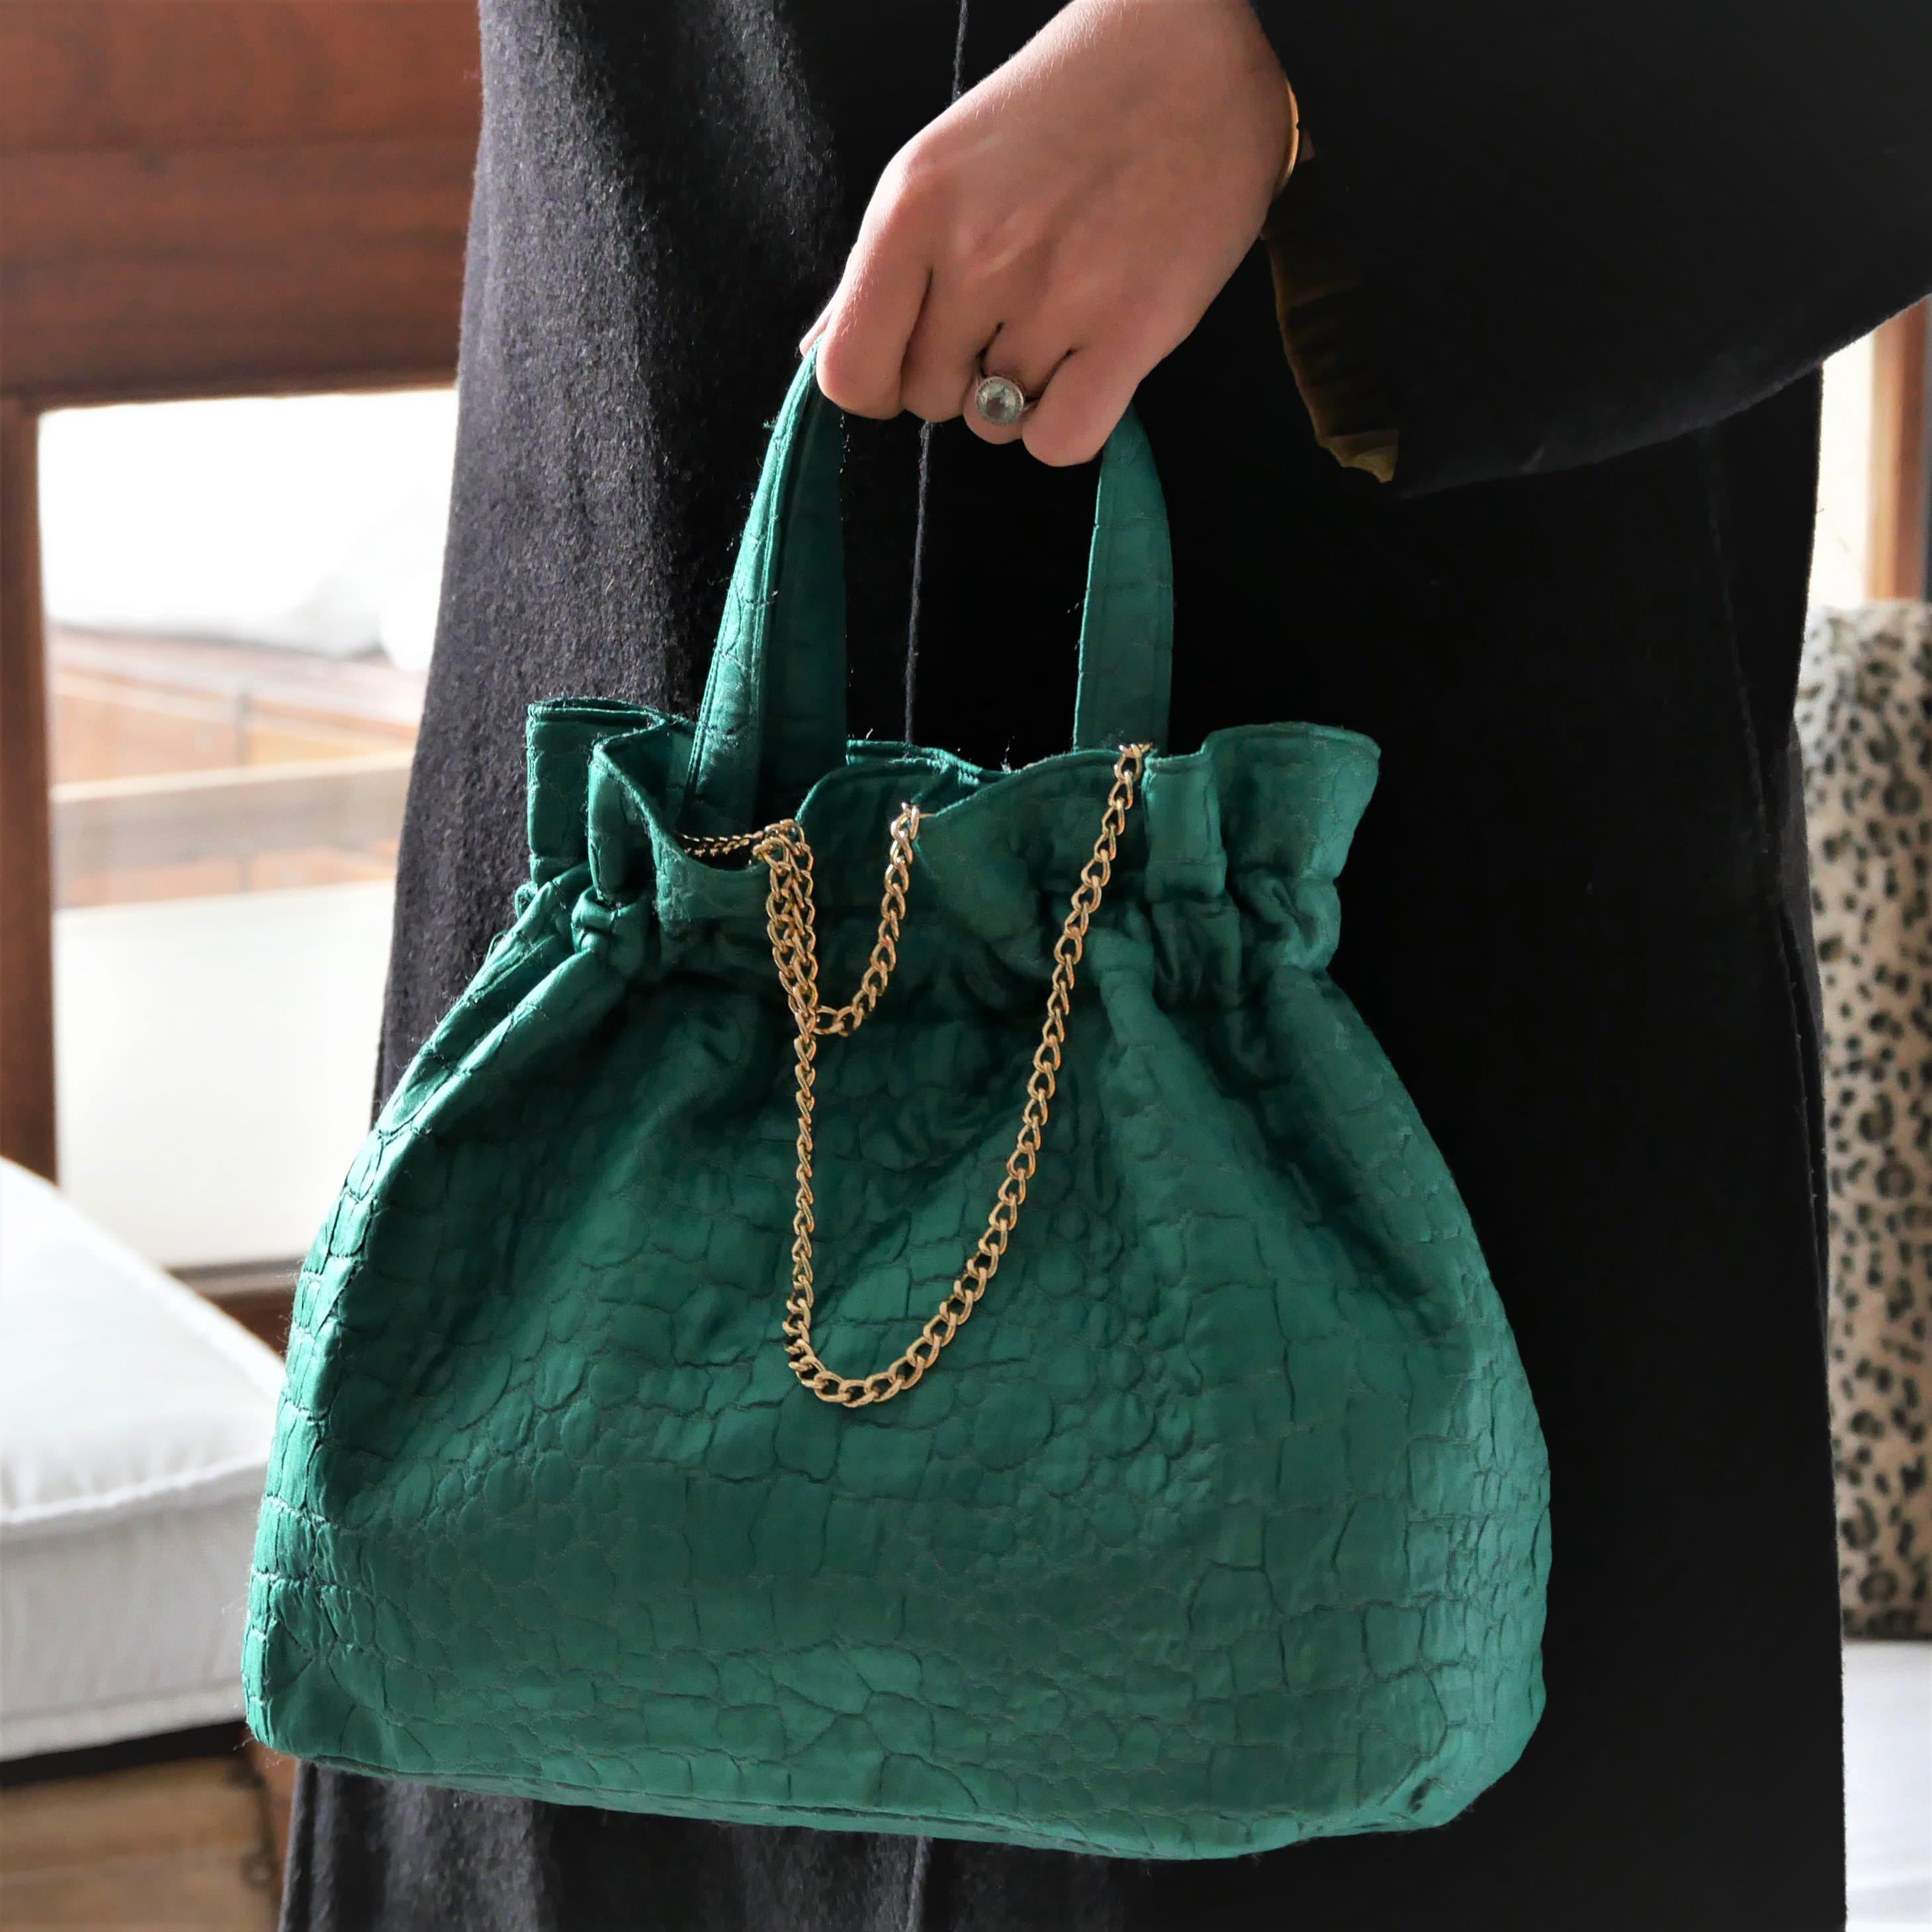 Sac à main vert émeraude tissage motif peau de crocodile lavable. Petit sac végan et vintage années 50, avec chaîne amovible.